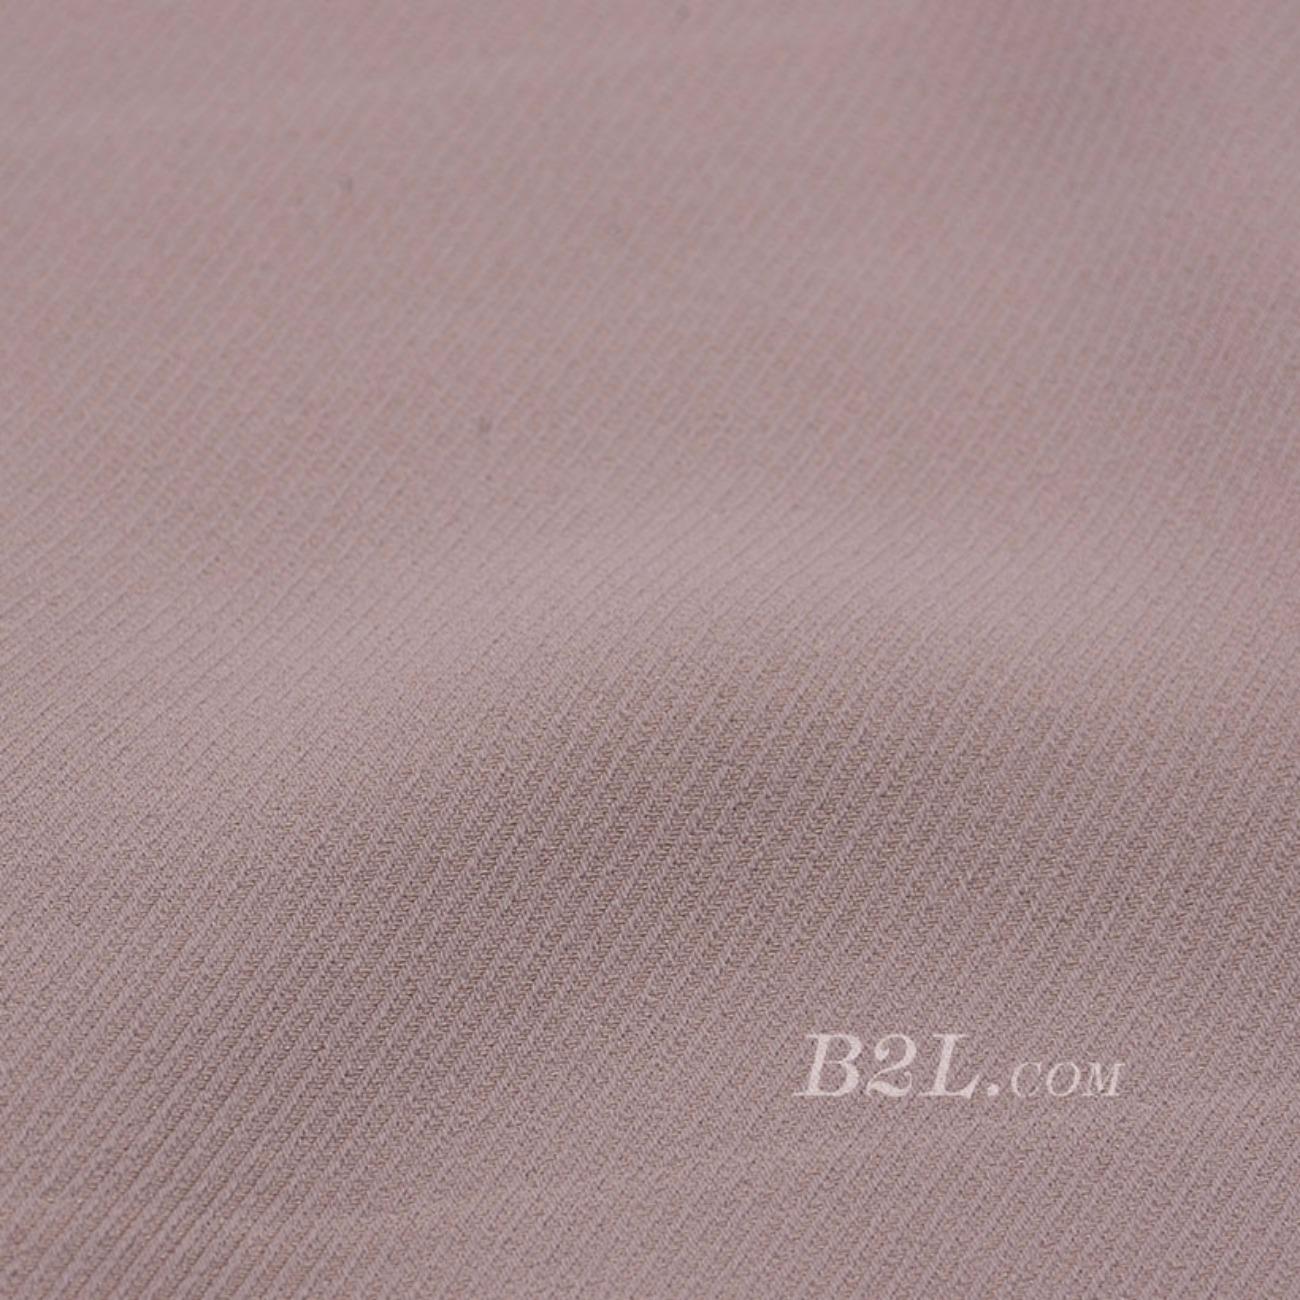 现货 素色 梭织 斜纹 弹力 染色 春秋 连衣裙 外套 女装 80530-15